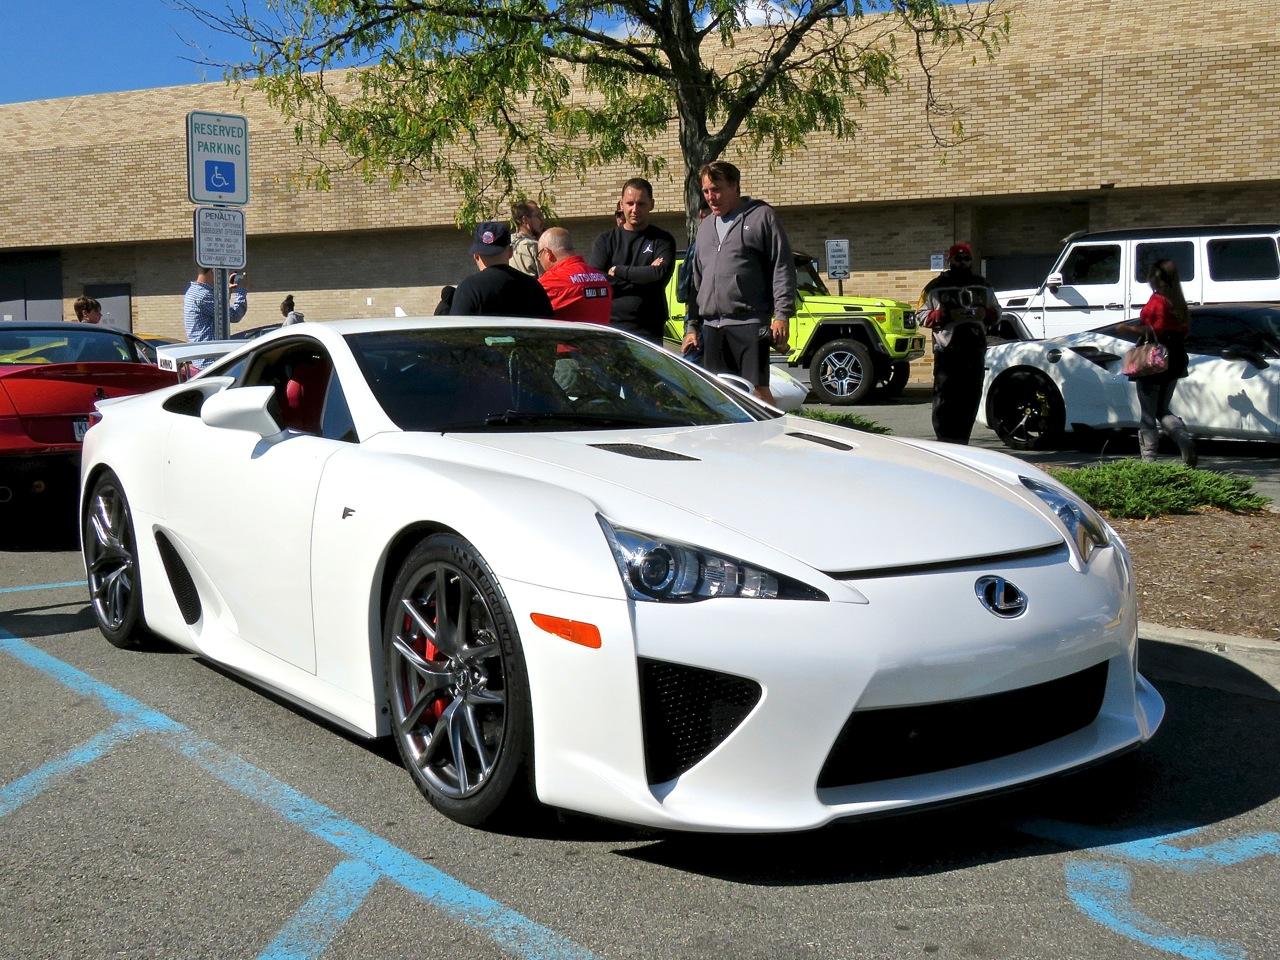 Lexus LFA Cars and Caffe